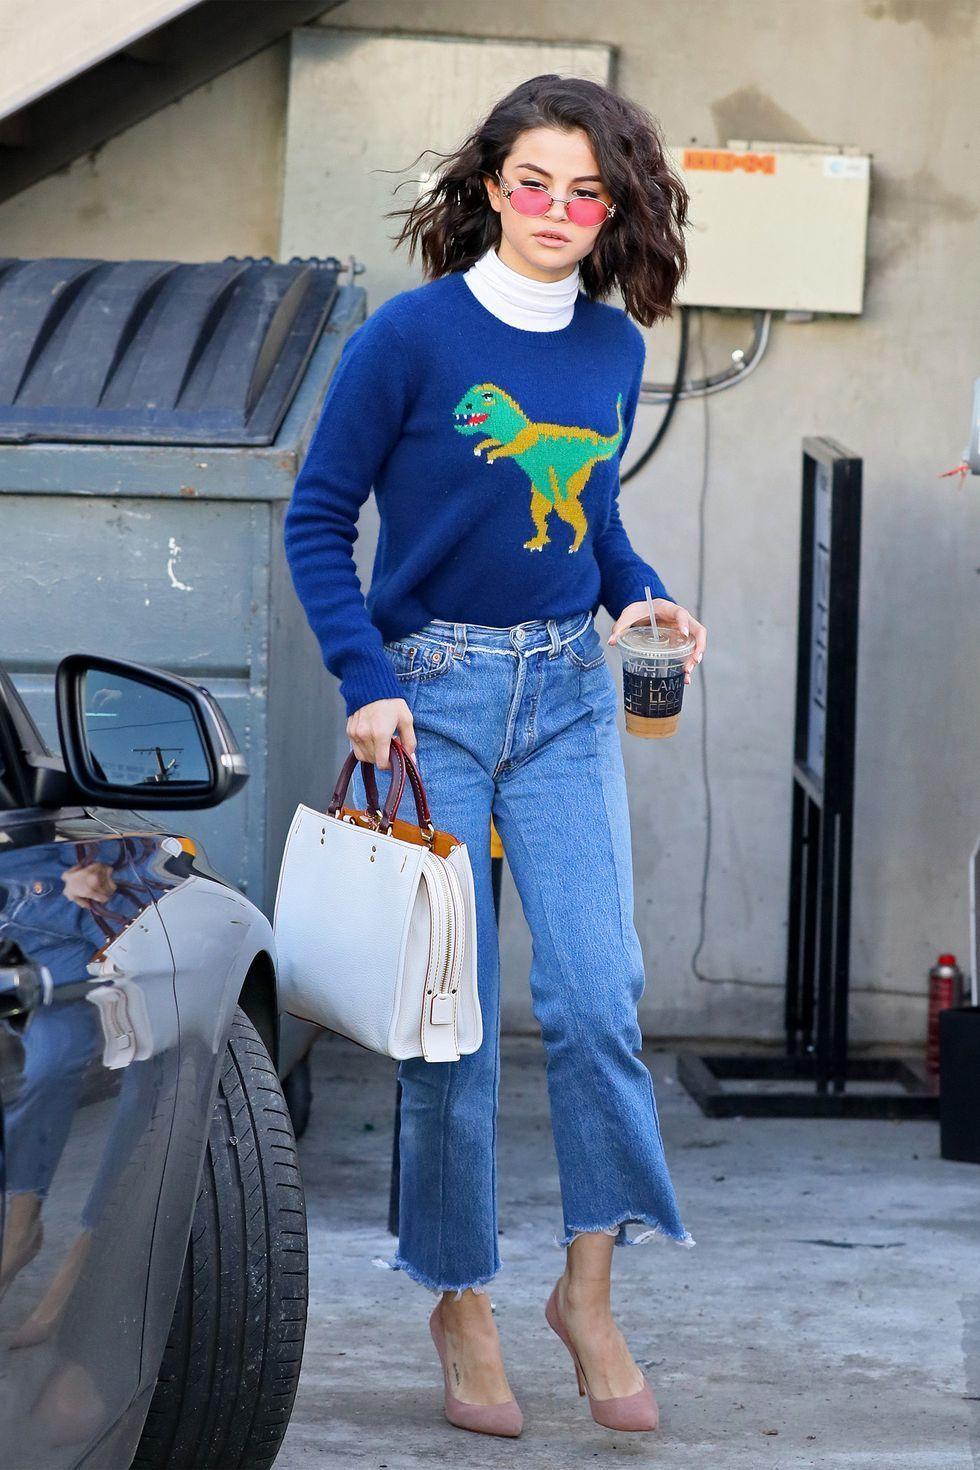 48959fad20d8 Come indossare un parte inferiore di jeans con un dolcevita bianco in modo  smart-casual (13 foto) | Moda donna | Lookastic